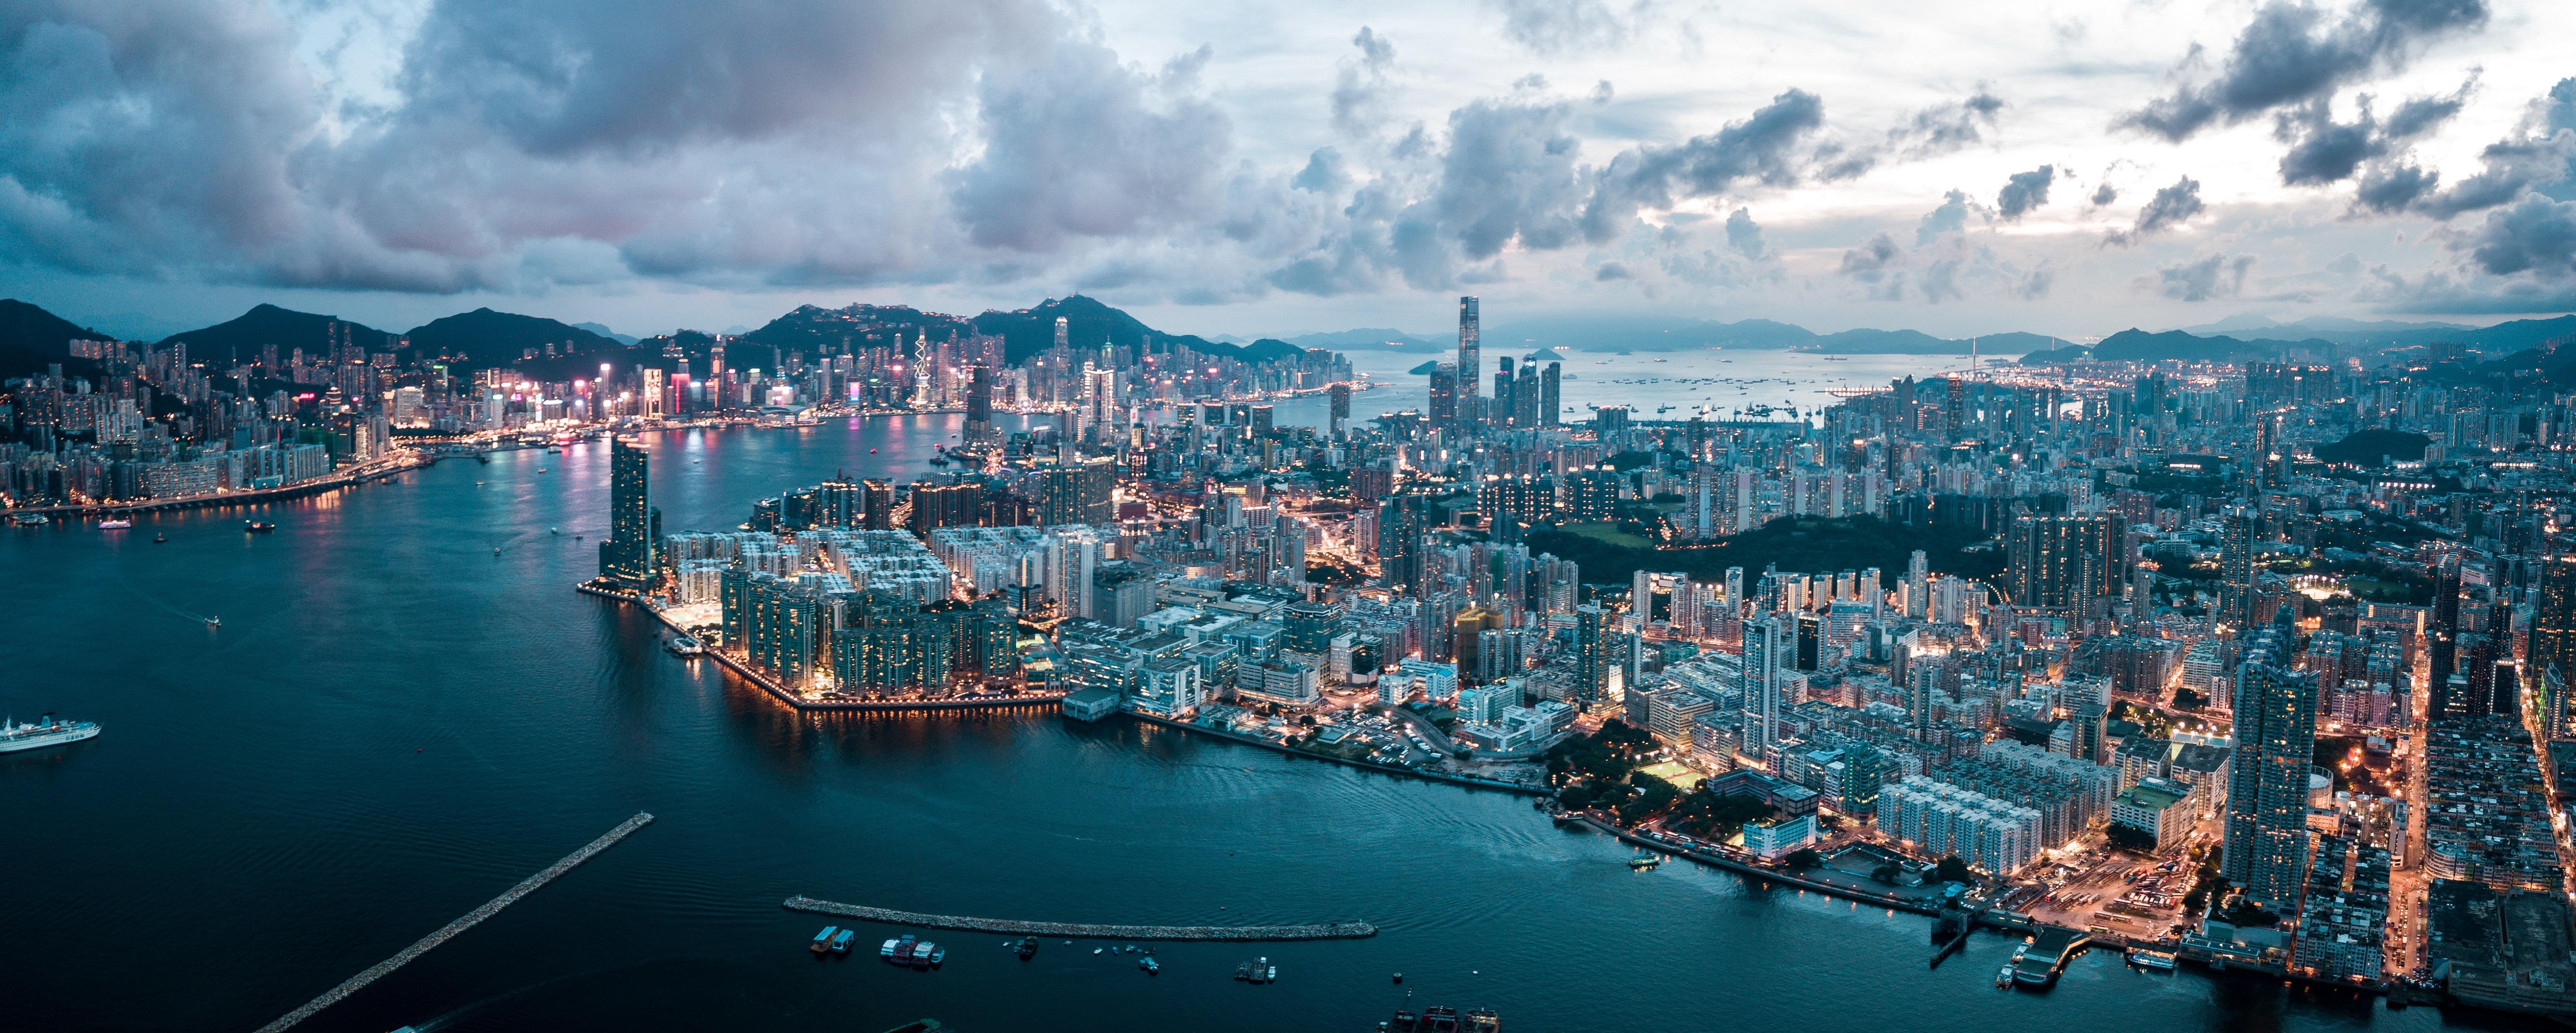 香港图片大全_香港风景图片/景点照片/旅游摄影【驴